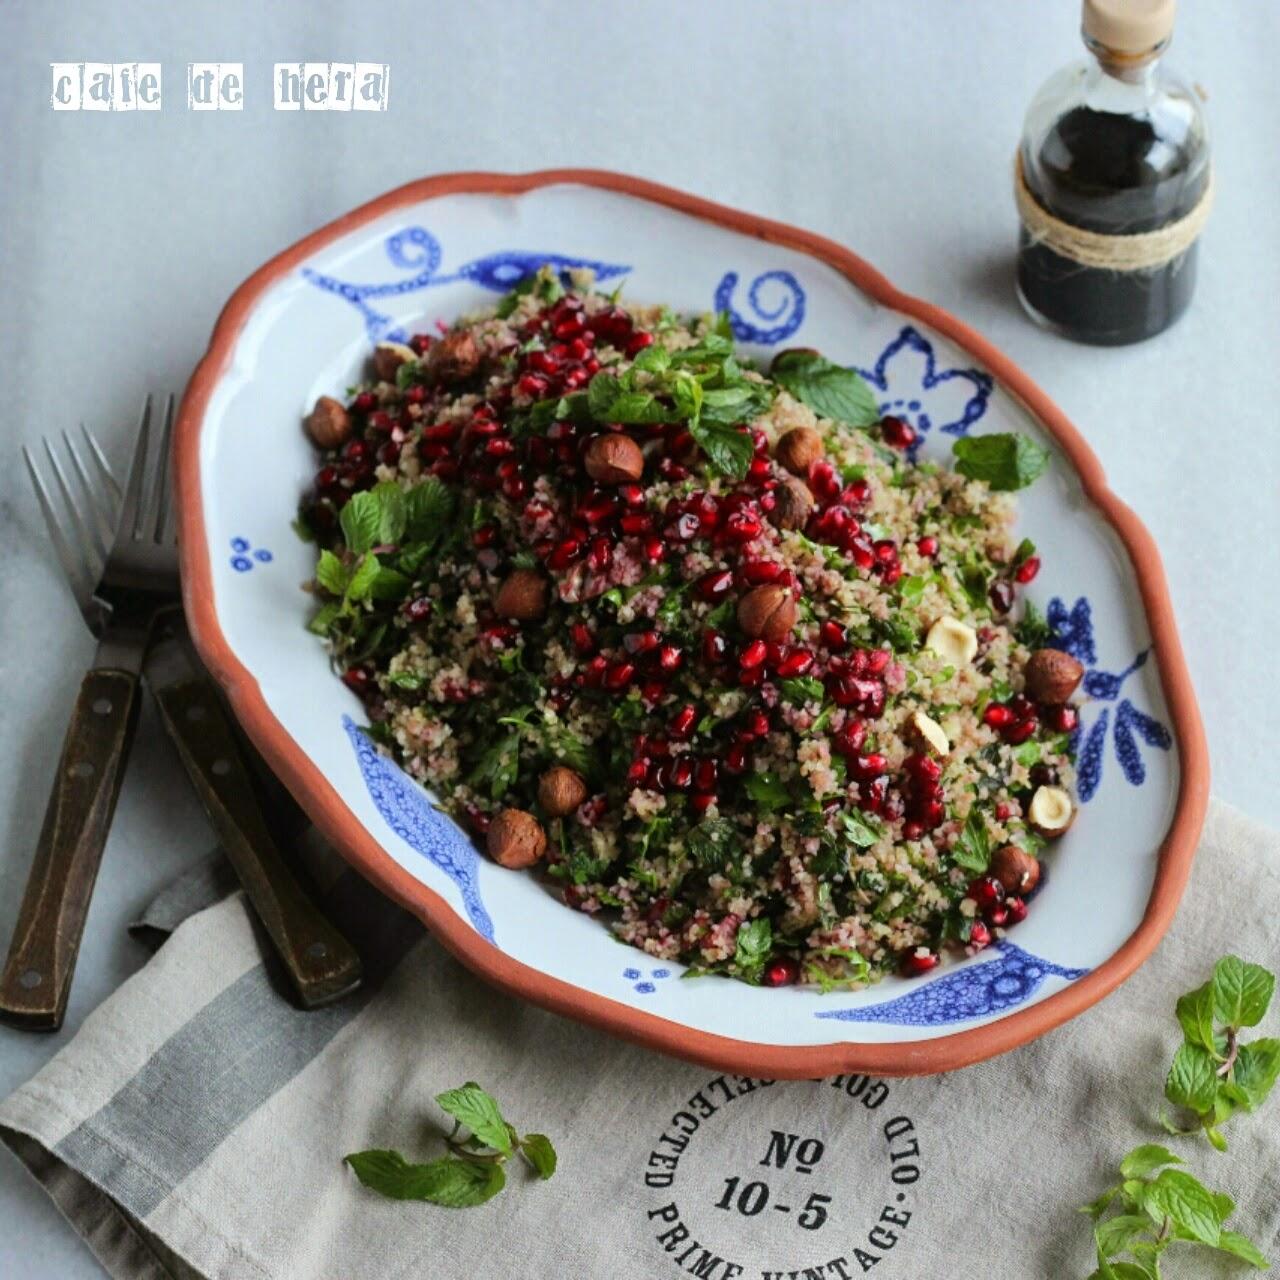 Narlı Buğday Salatası Tarifi – Salata Tarifleri